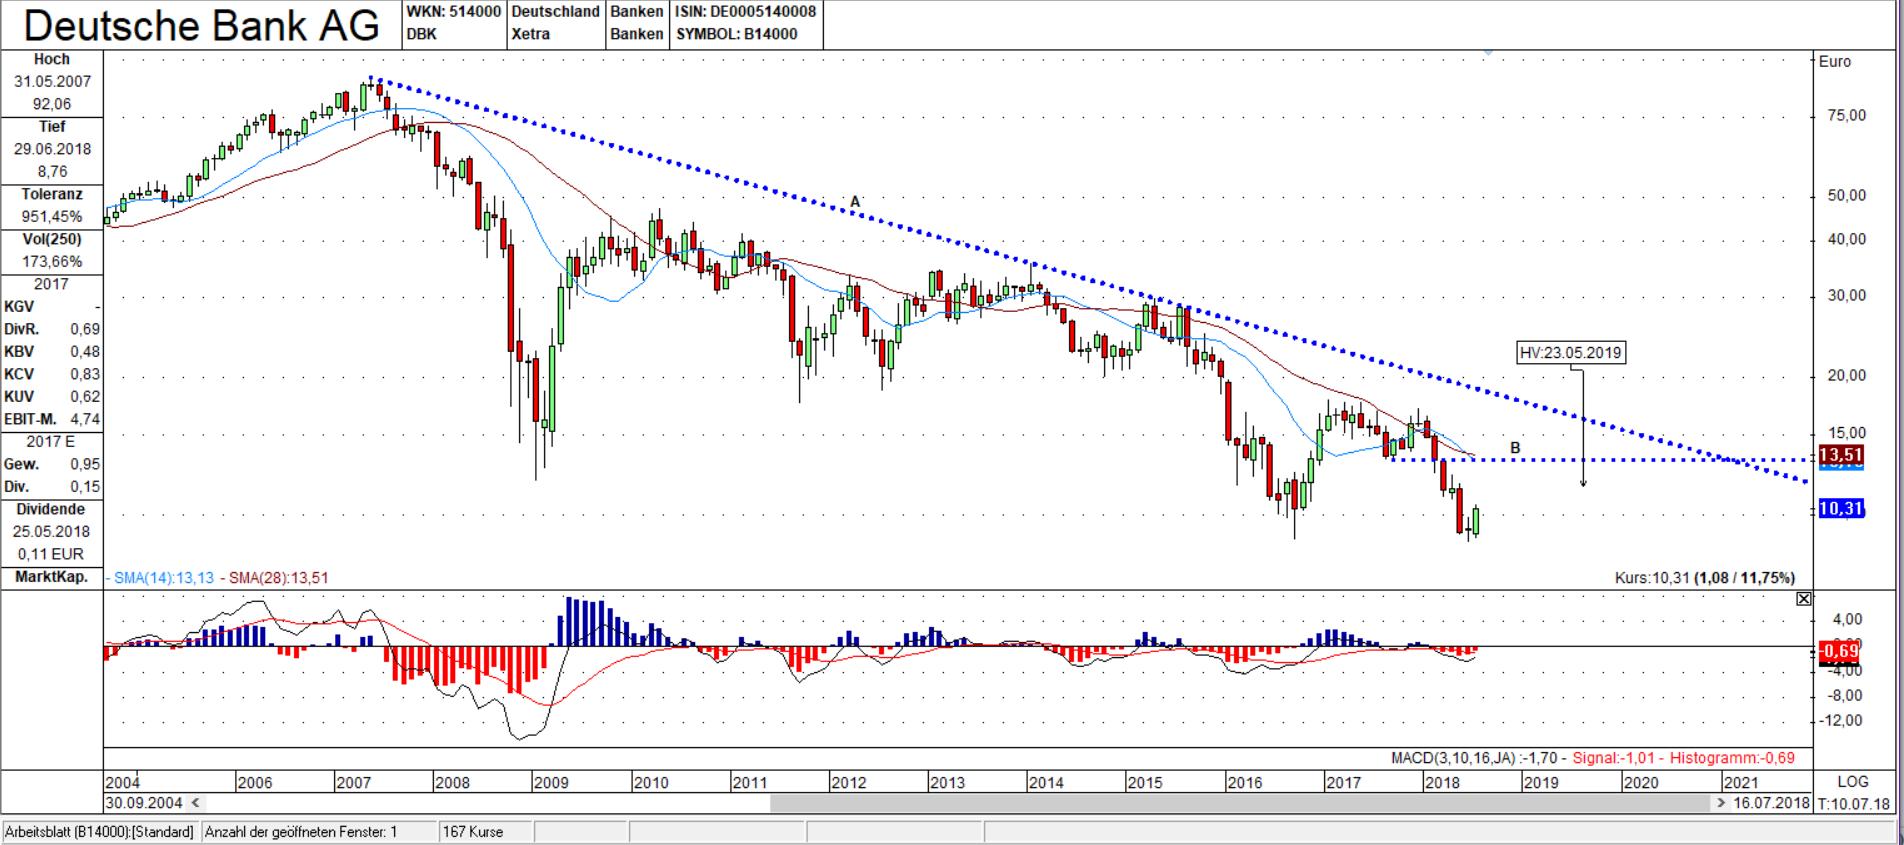 Lichtblick bei der Deutsche Bank AG Aktie? | Trading-Treff